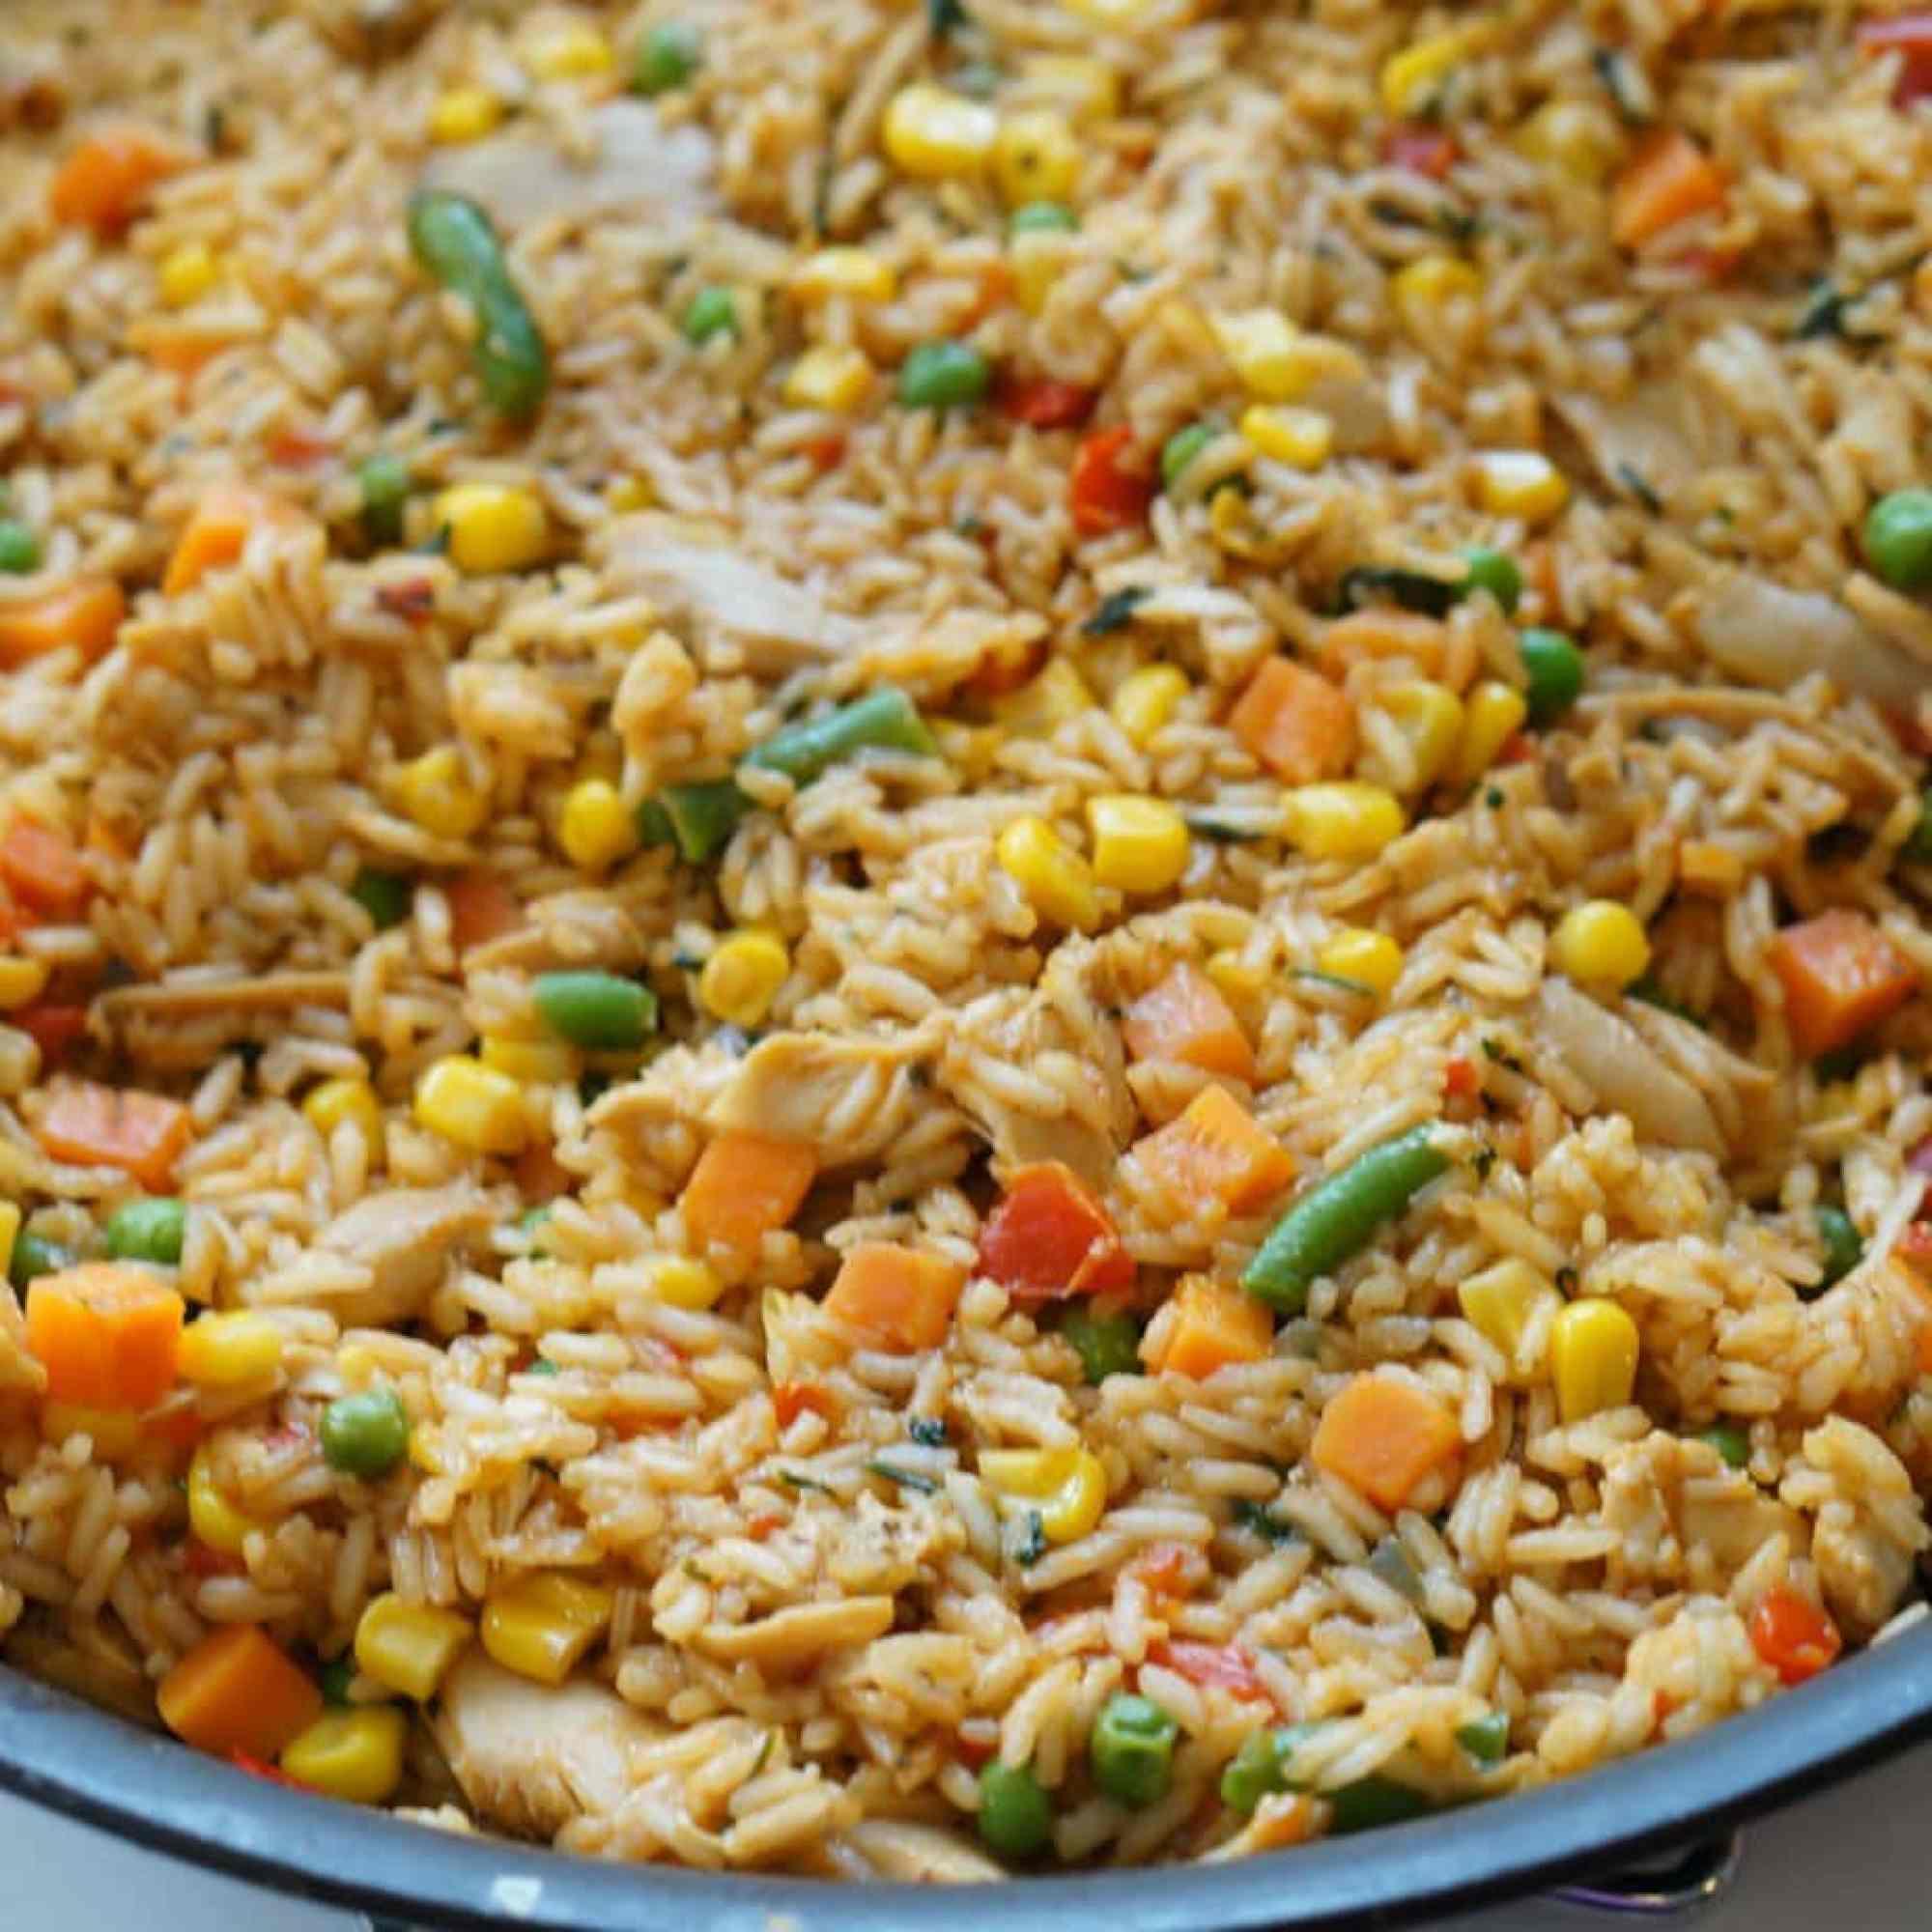 Arroz con pollo rice with chicken easy costa rican recipe pura arroz con pollo easy costa rican recipe forumfinder Gallery